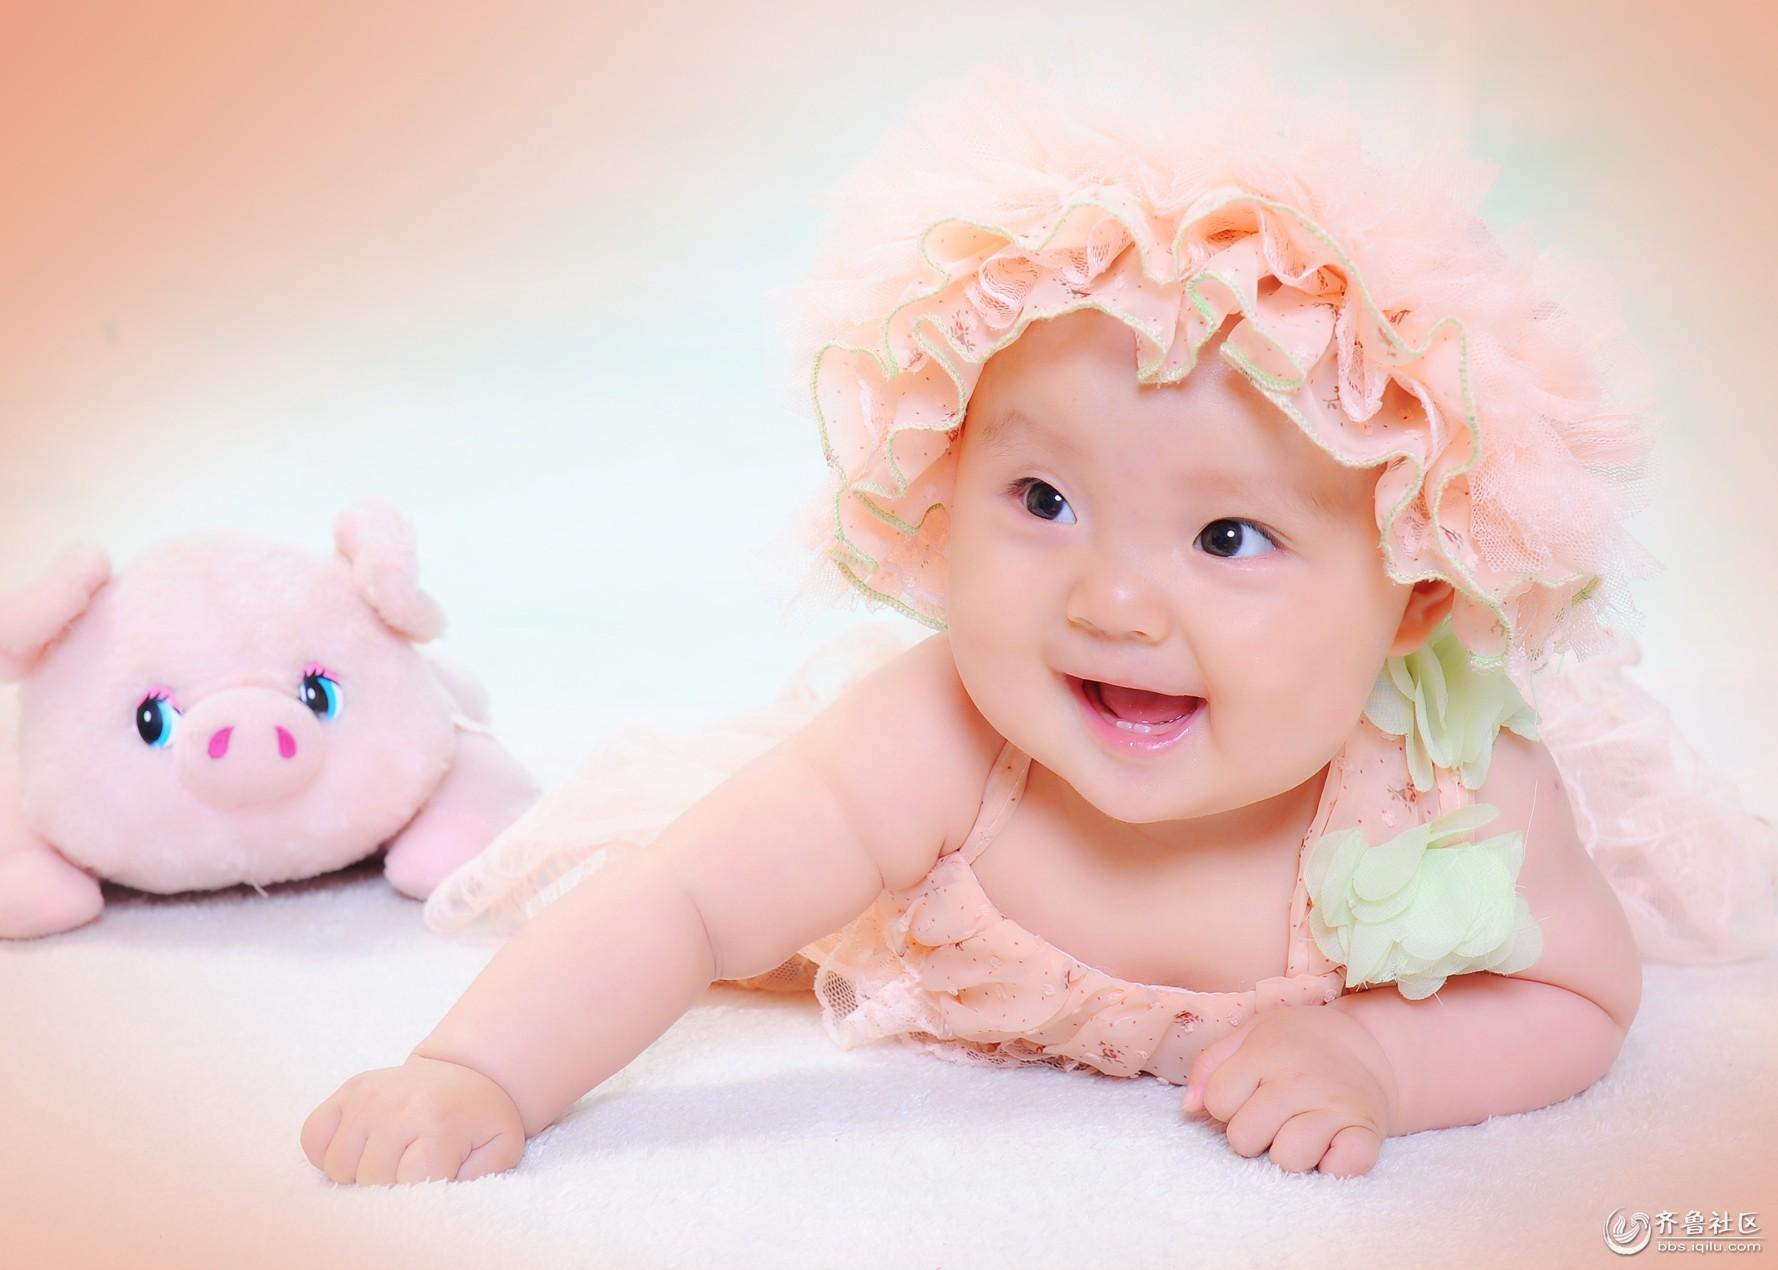 可爱婴儿萌图片大全